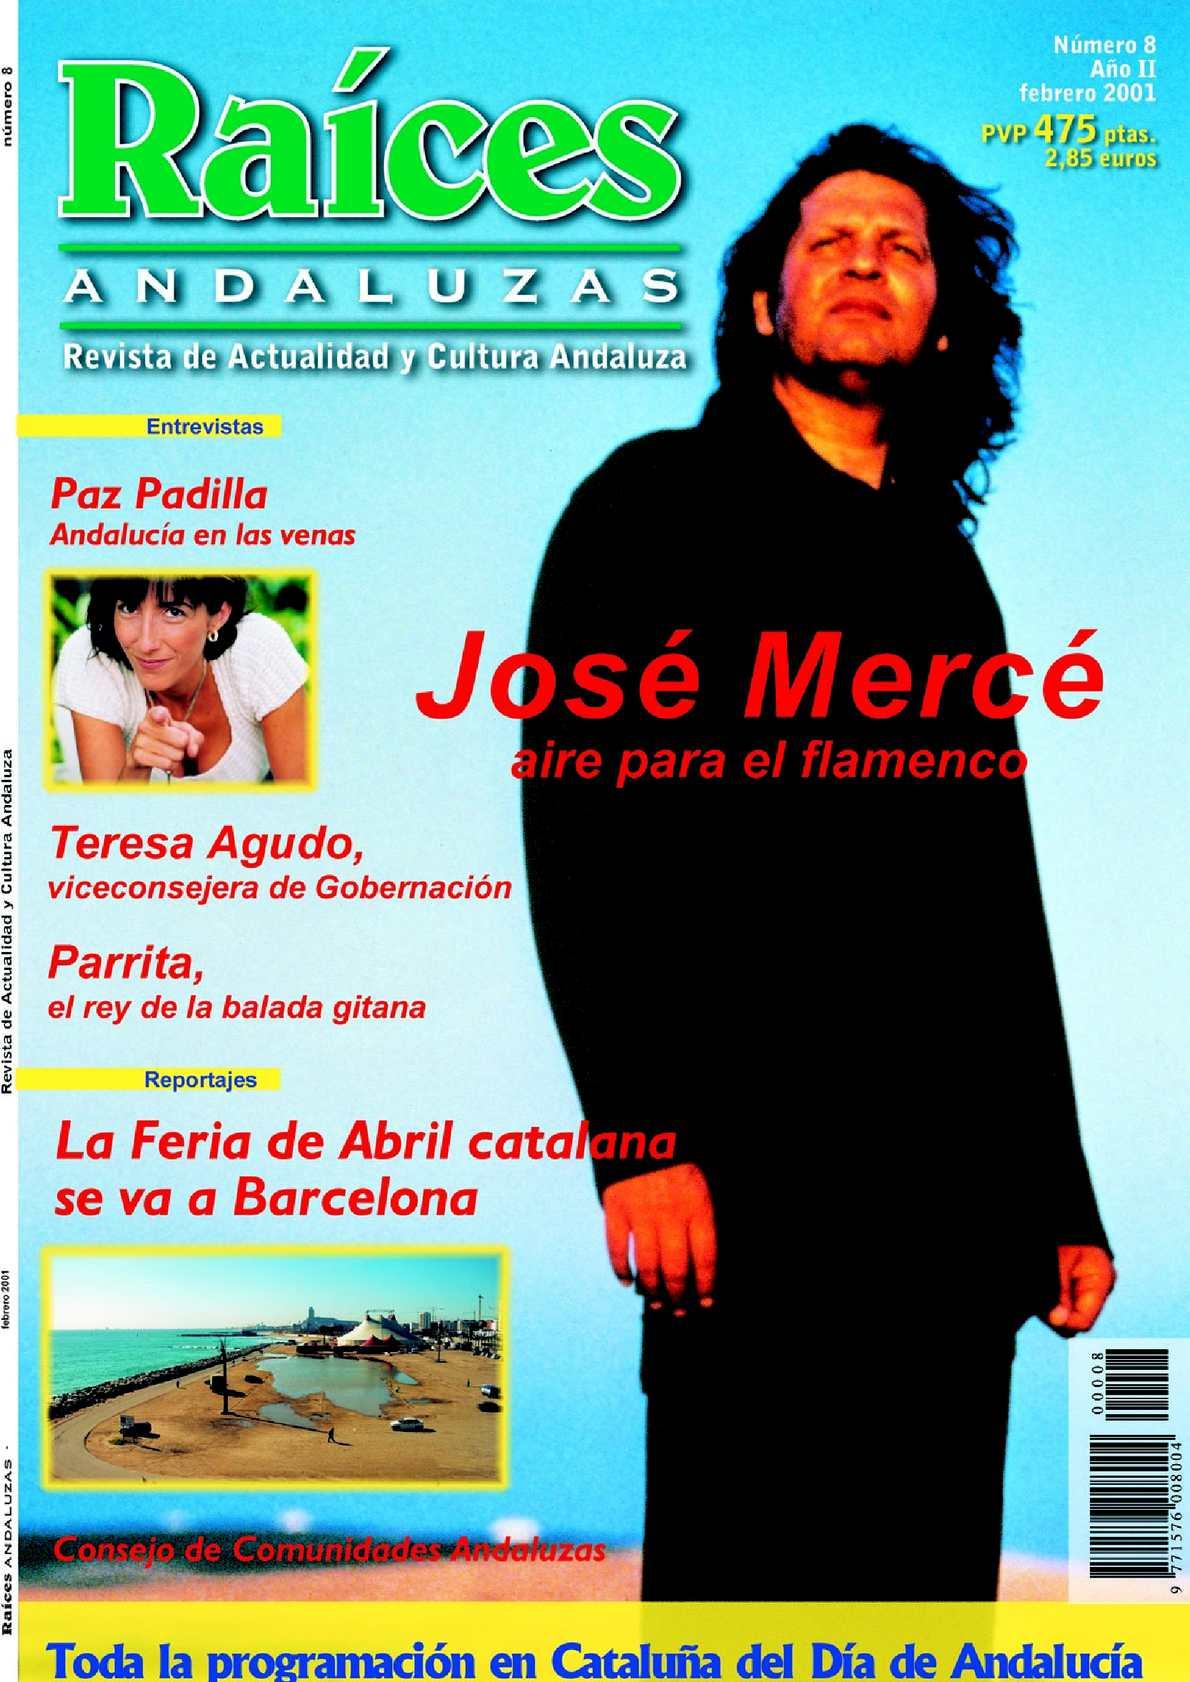 5c53c29075 Calaméo - Raíces Andaluzas 8 Febrero 2001